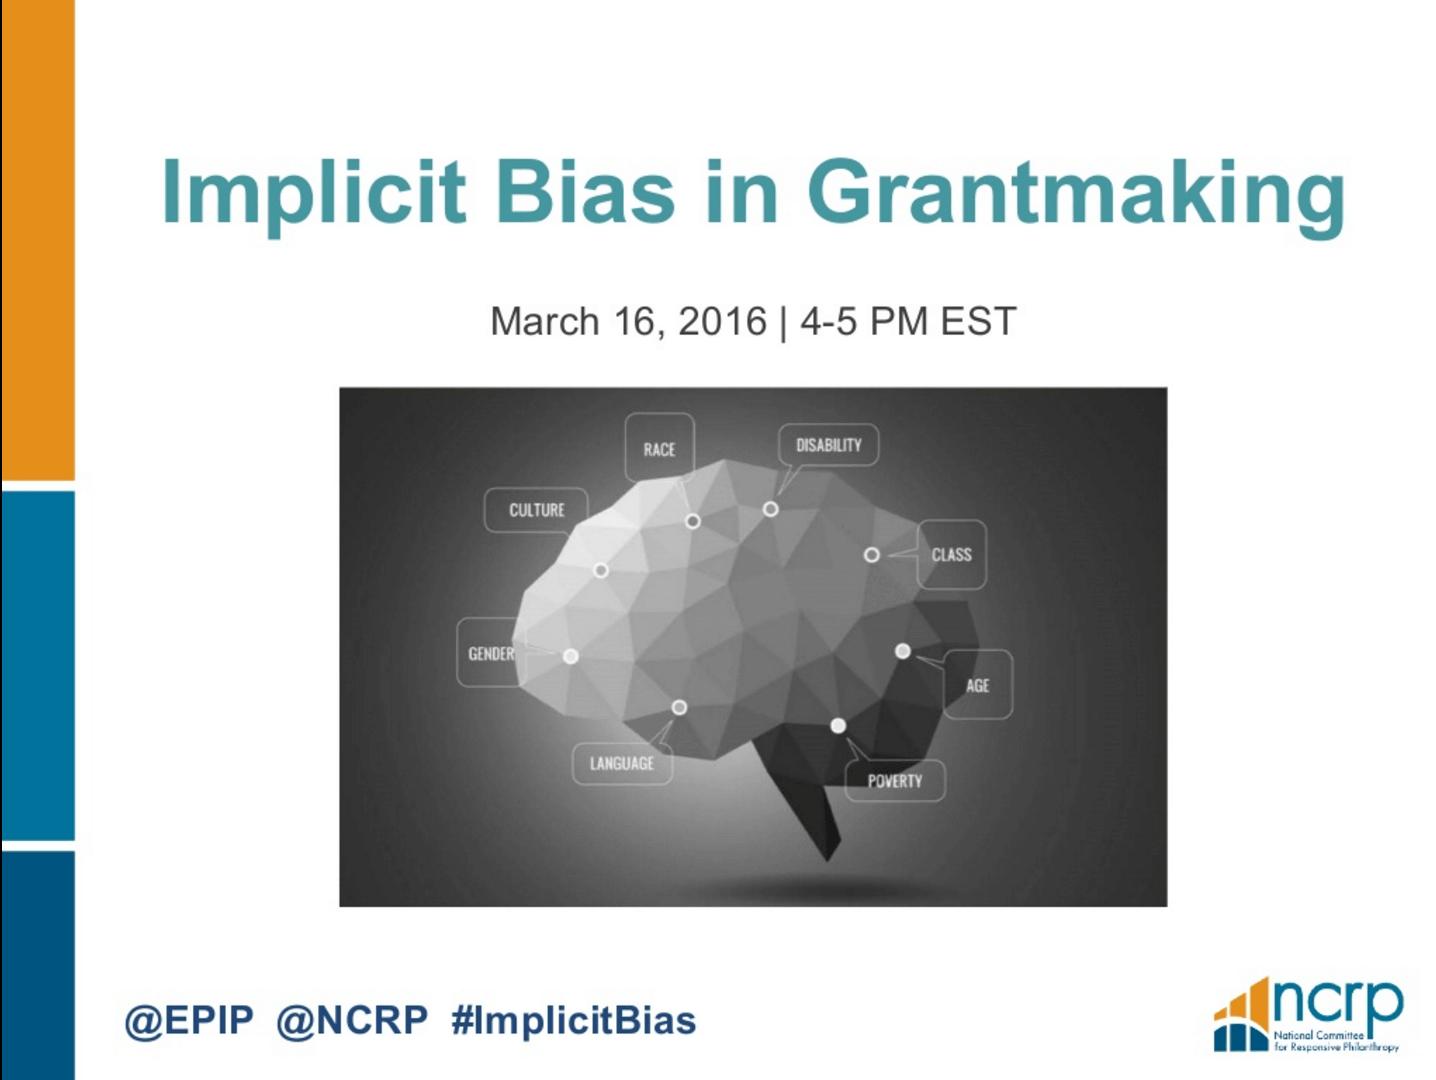 Implicit Bias in Grantmaking, EPIP Webinar